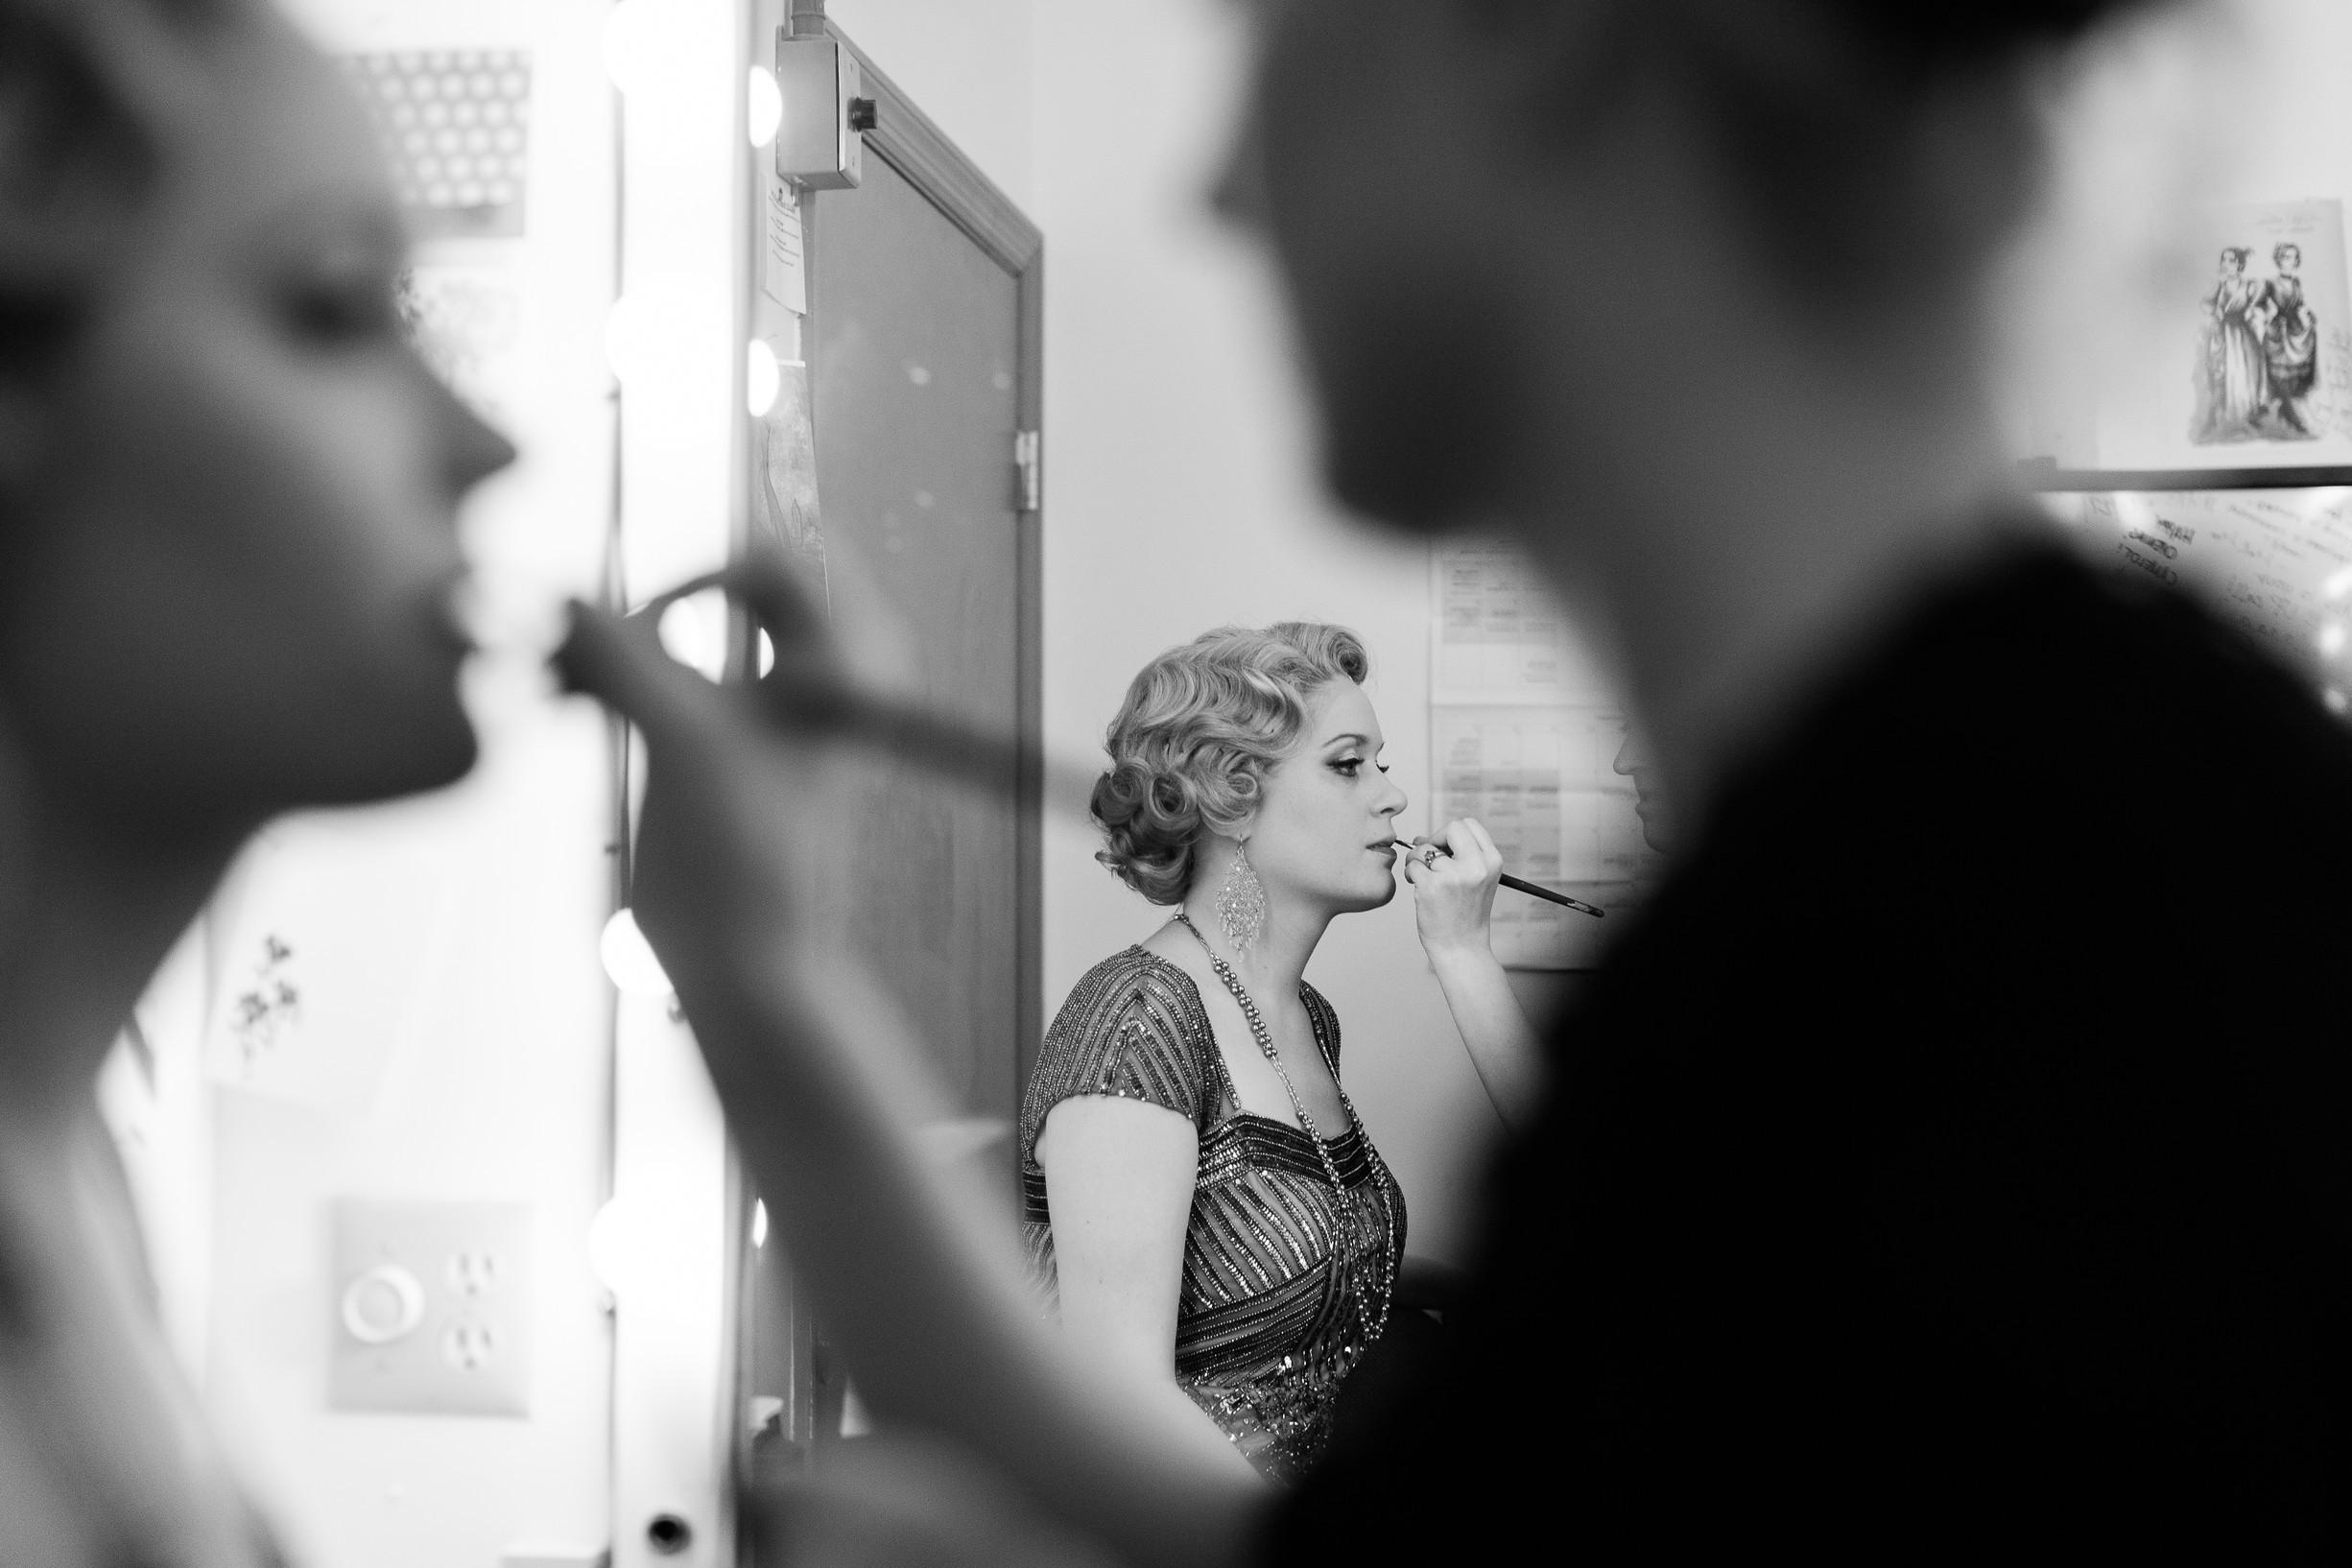 Sondra Finchley backstage